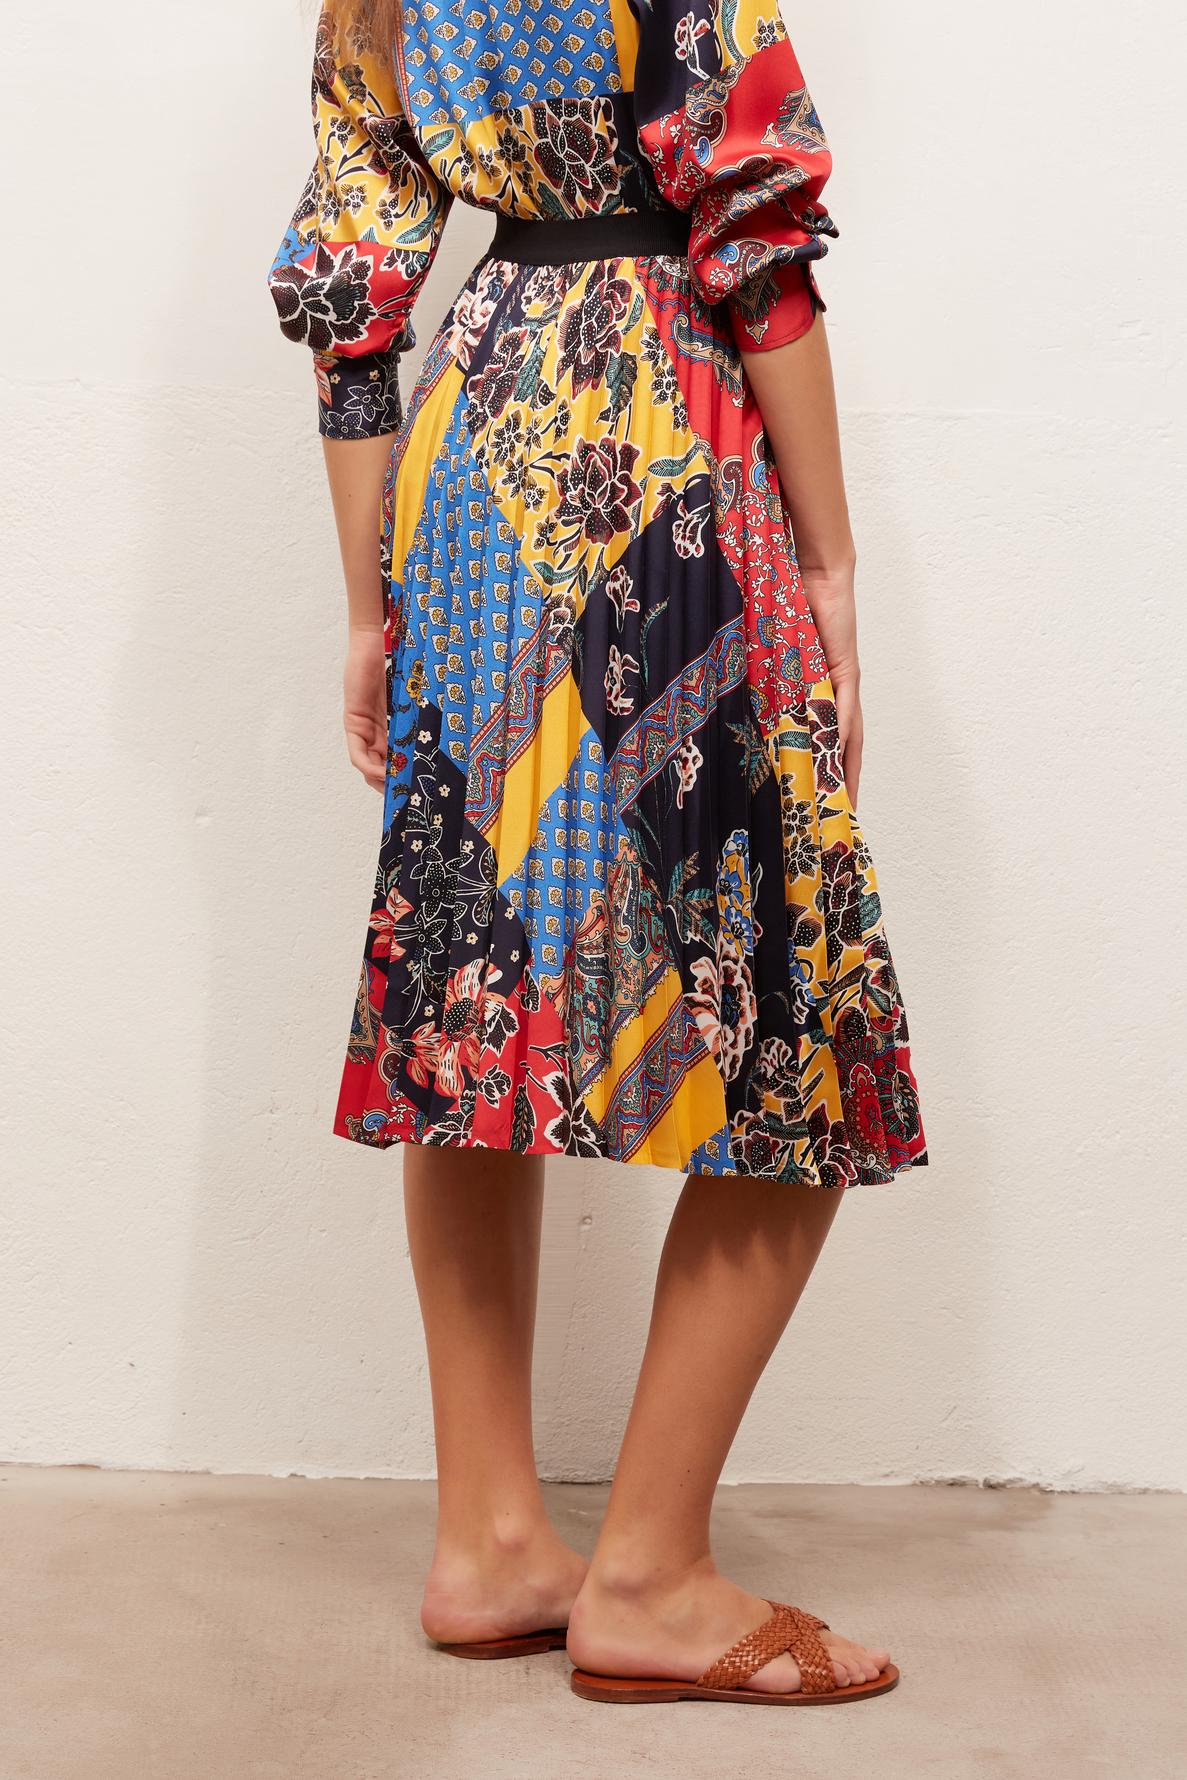 LAVINIA - плиссированная юбка-солнце